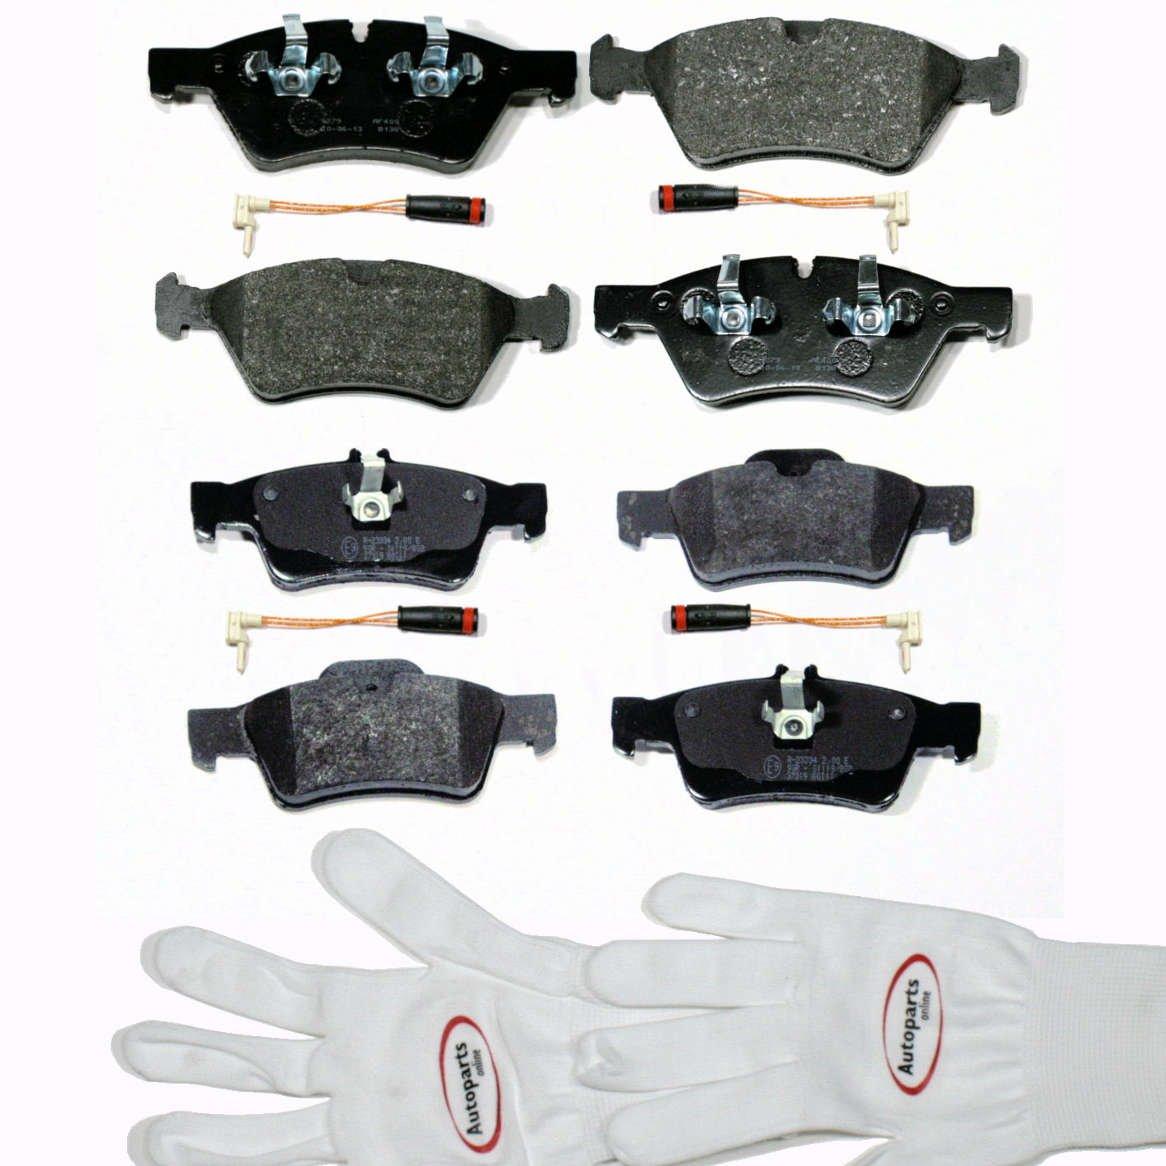 Autoparts-Online Set 60004801 Bremsbelä ge/Bremsklö tze mit Sensoren fü r Vorne + Hinten